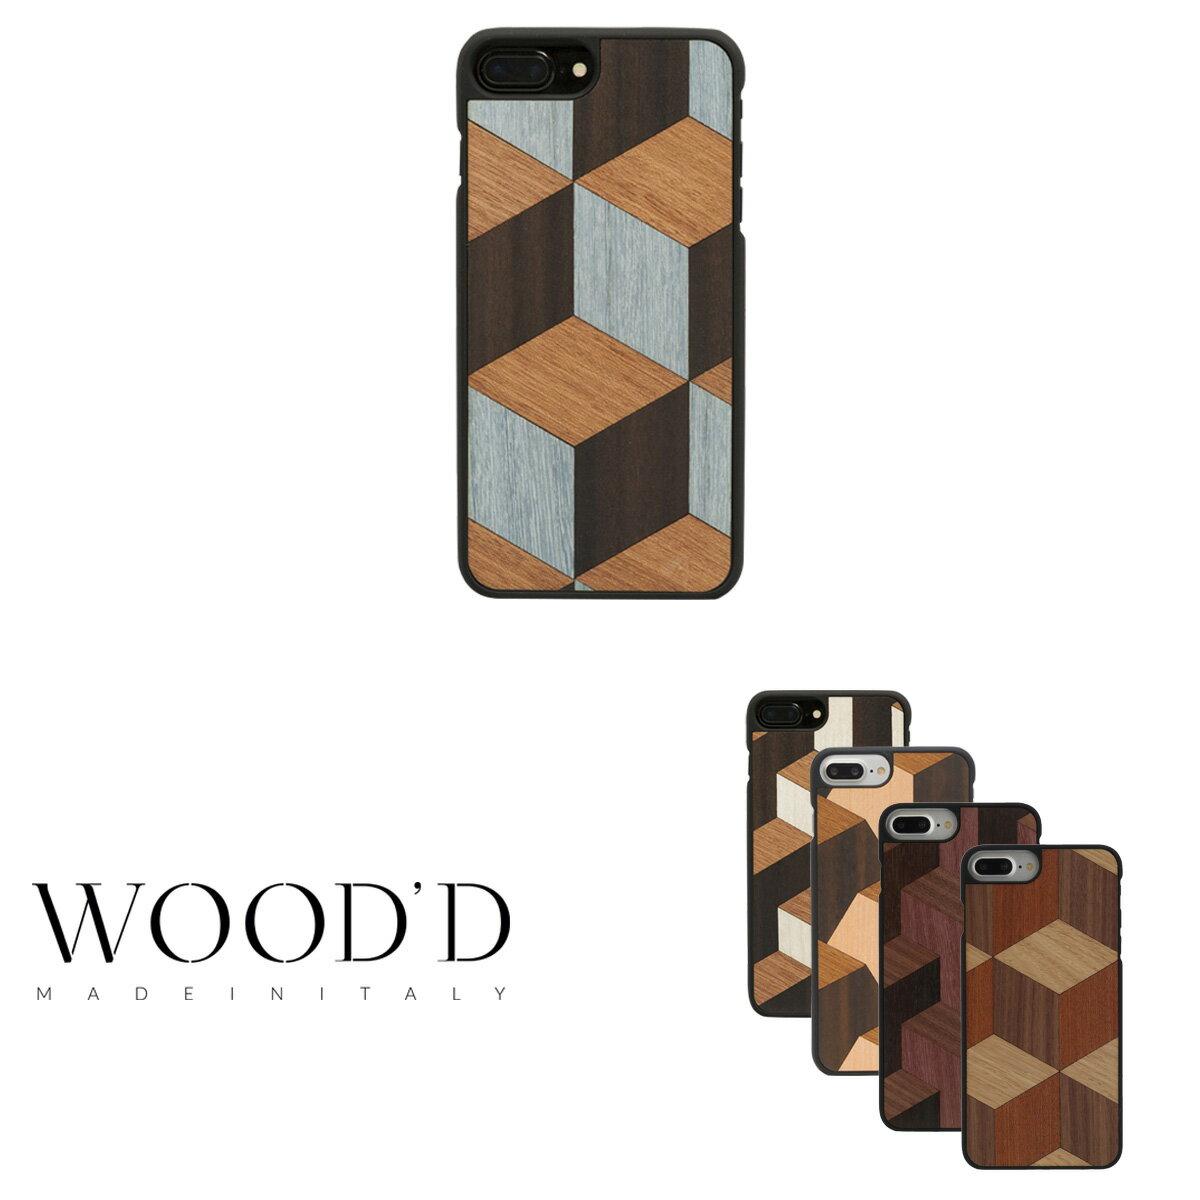 Wood'd iPhone8Plus iPhone7Plus iPhone6Plus ケース Real wood Snap-on covers GEOMETRIC レディース メンズ 木製 イタリア製 アイフォン スマホケース スマートフォン カバー ハンドメイド ウッド 【PO10】【bef】【即日発送】